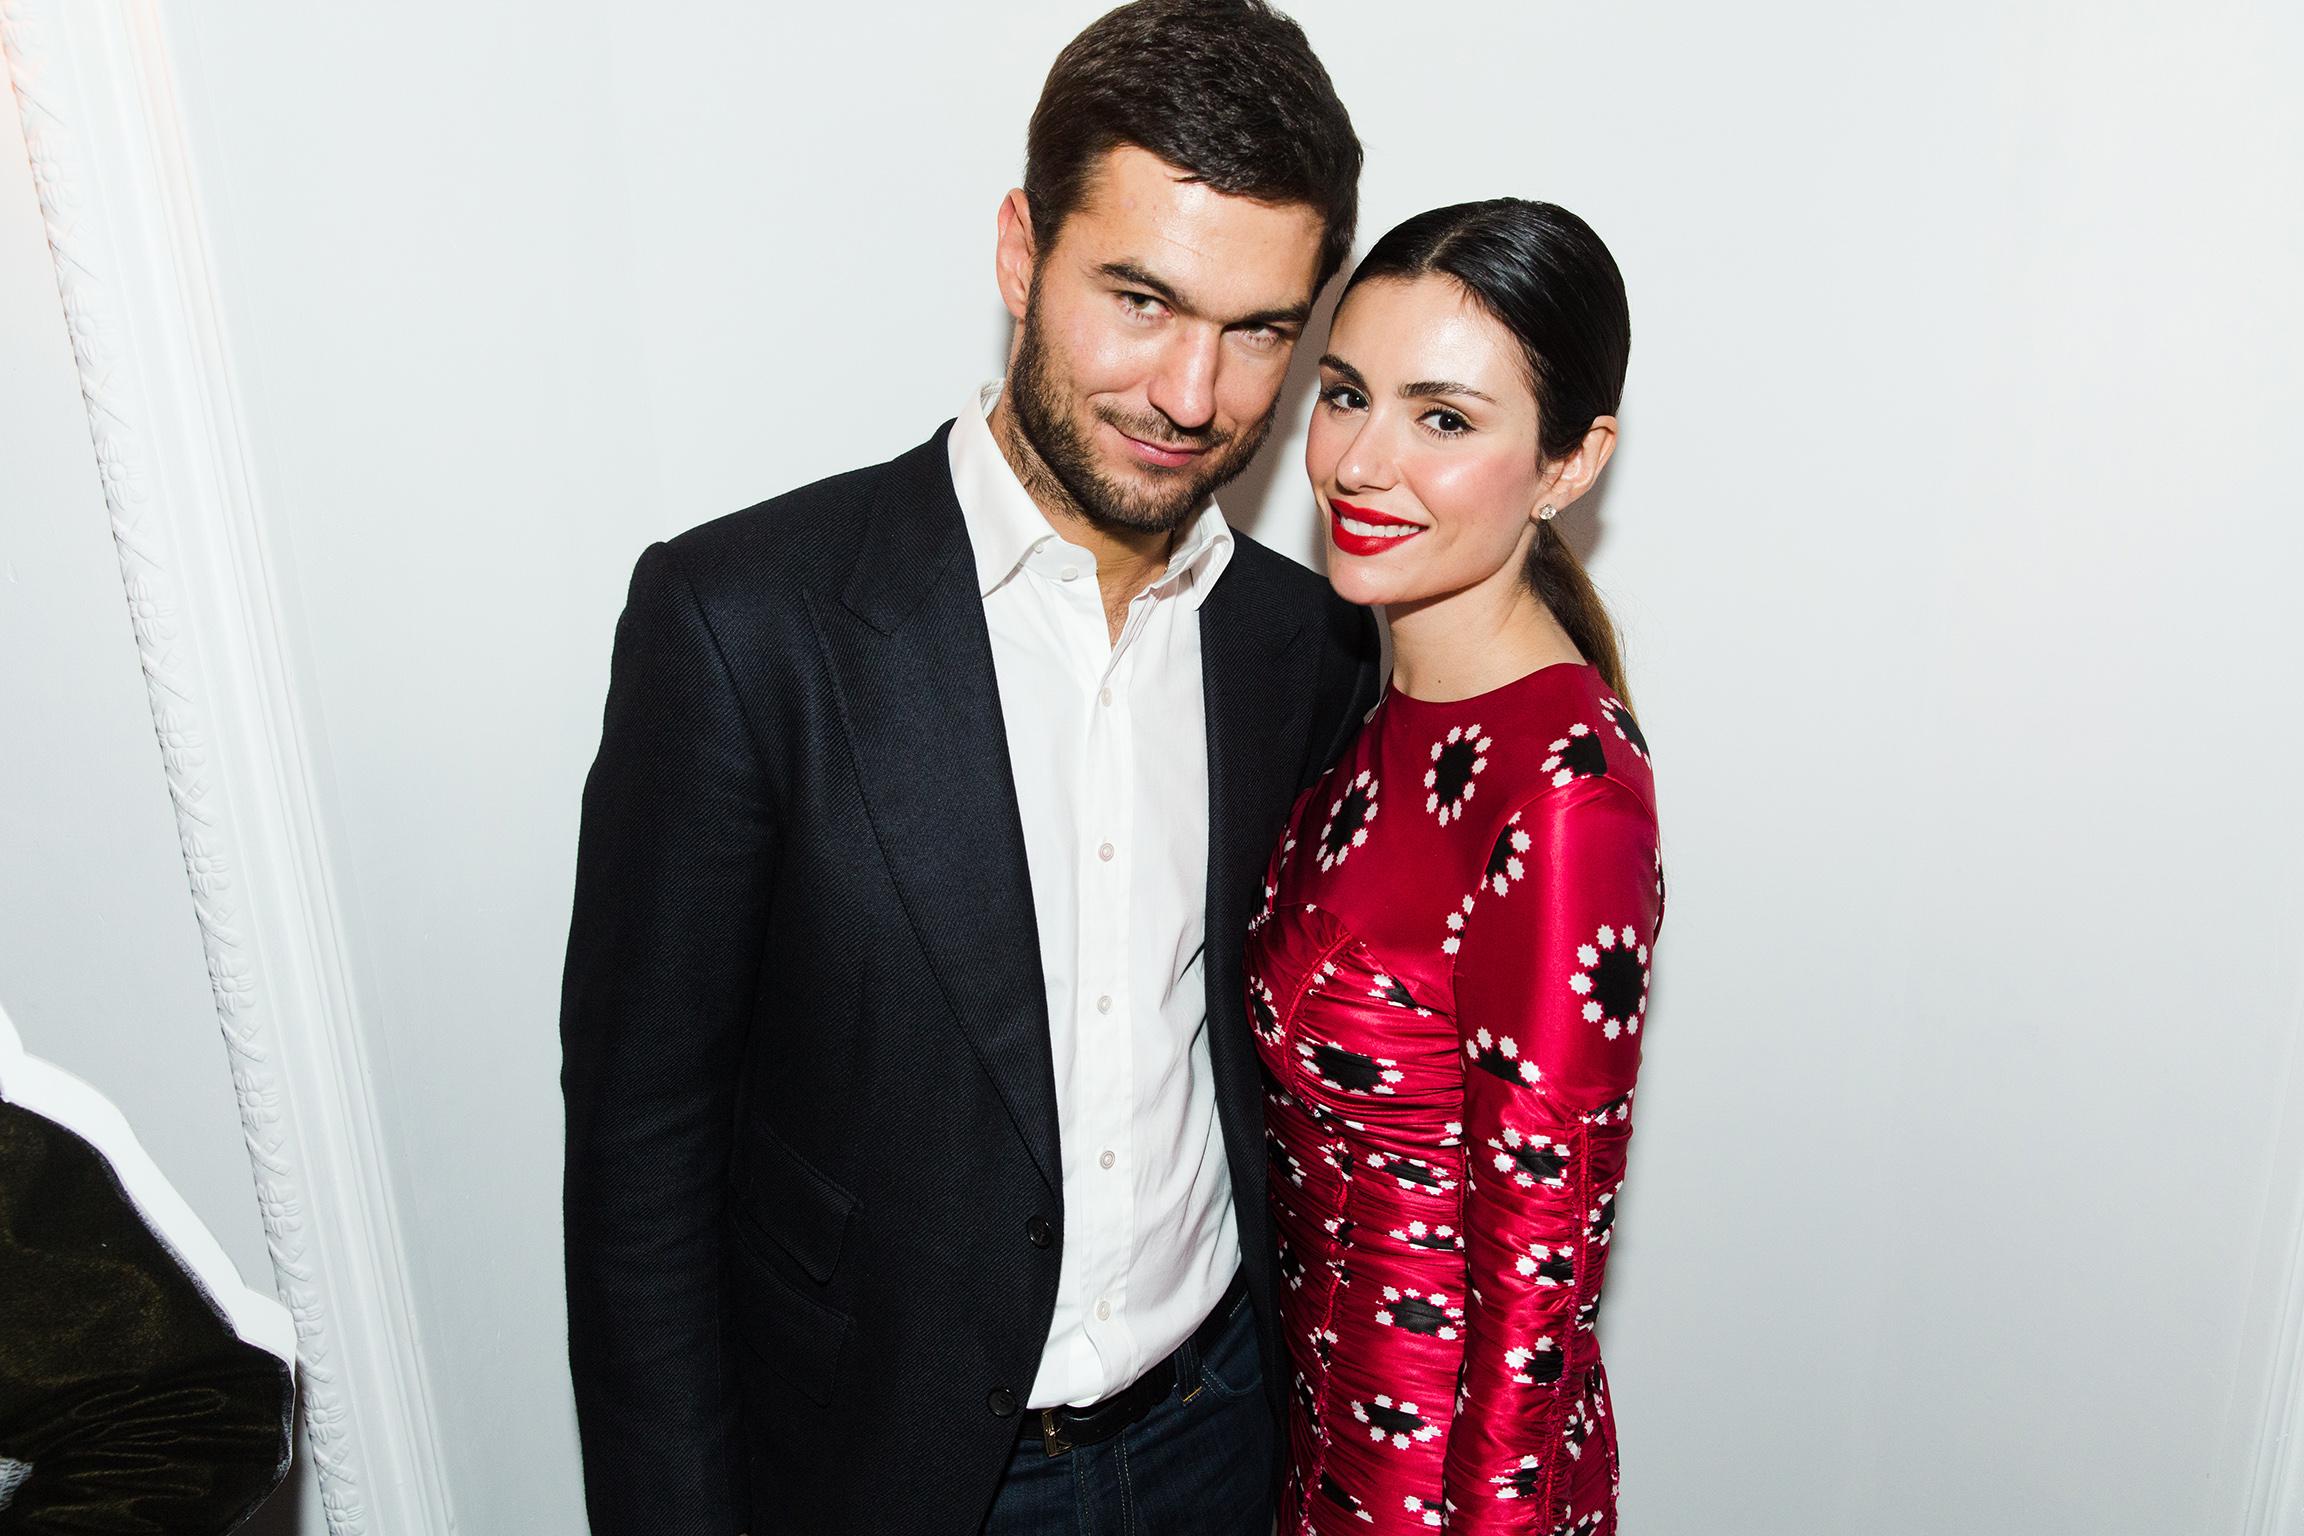 Бизнесмен Алексей Гарбер с девушкой Лизой Грендене